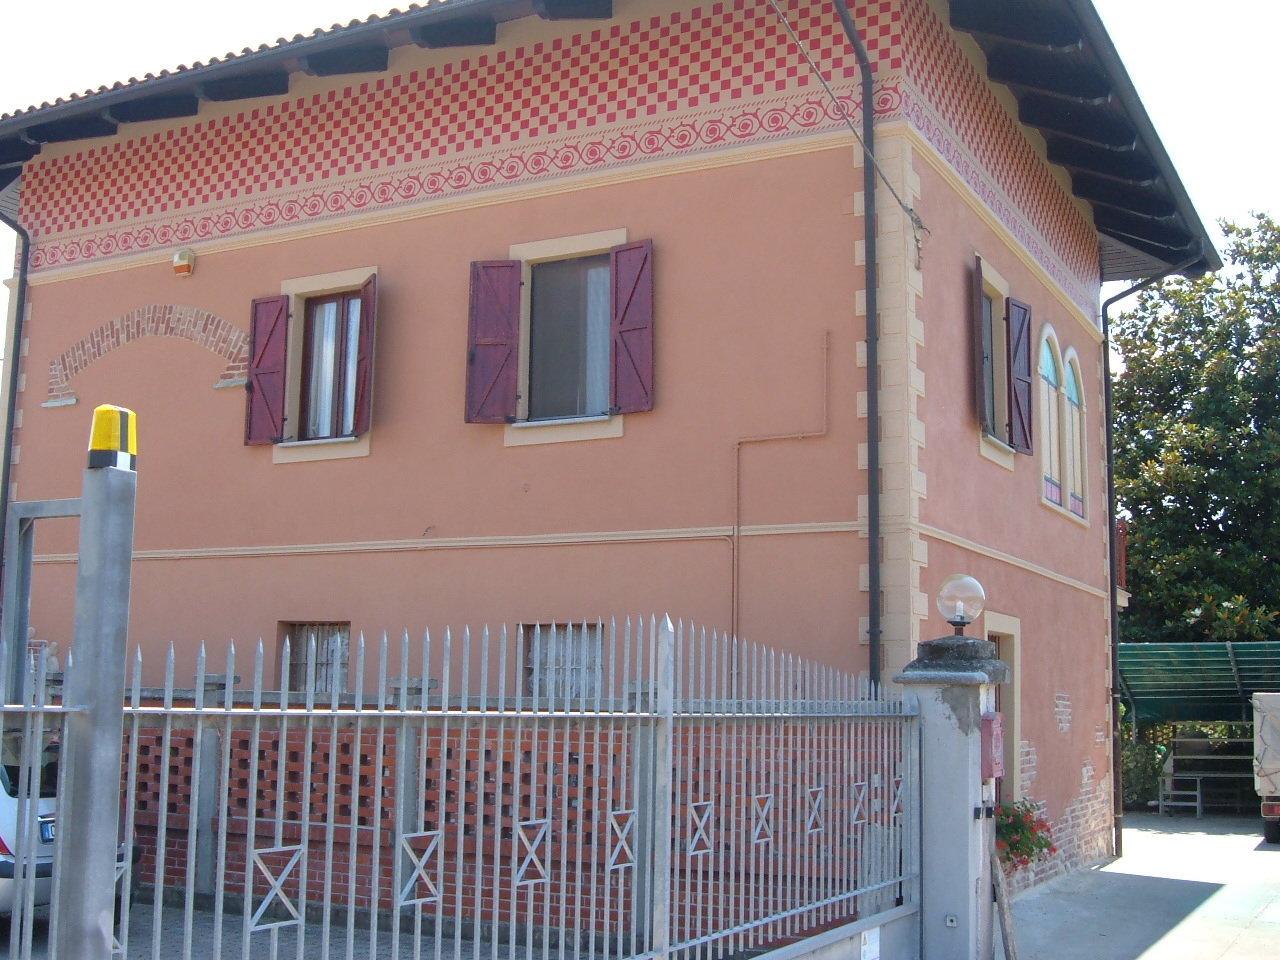 ringhiera esterna grigia e facciata di un edificio arancione